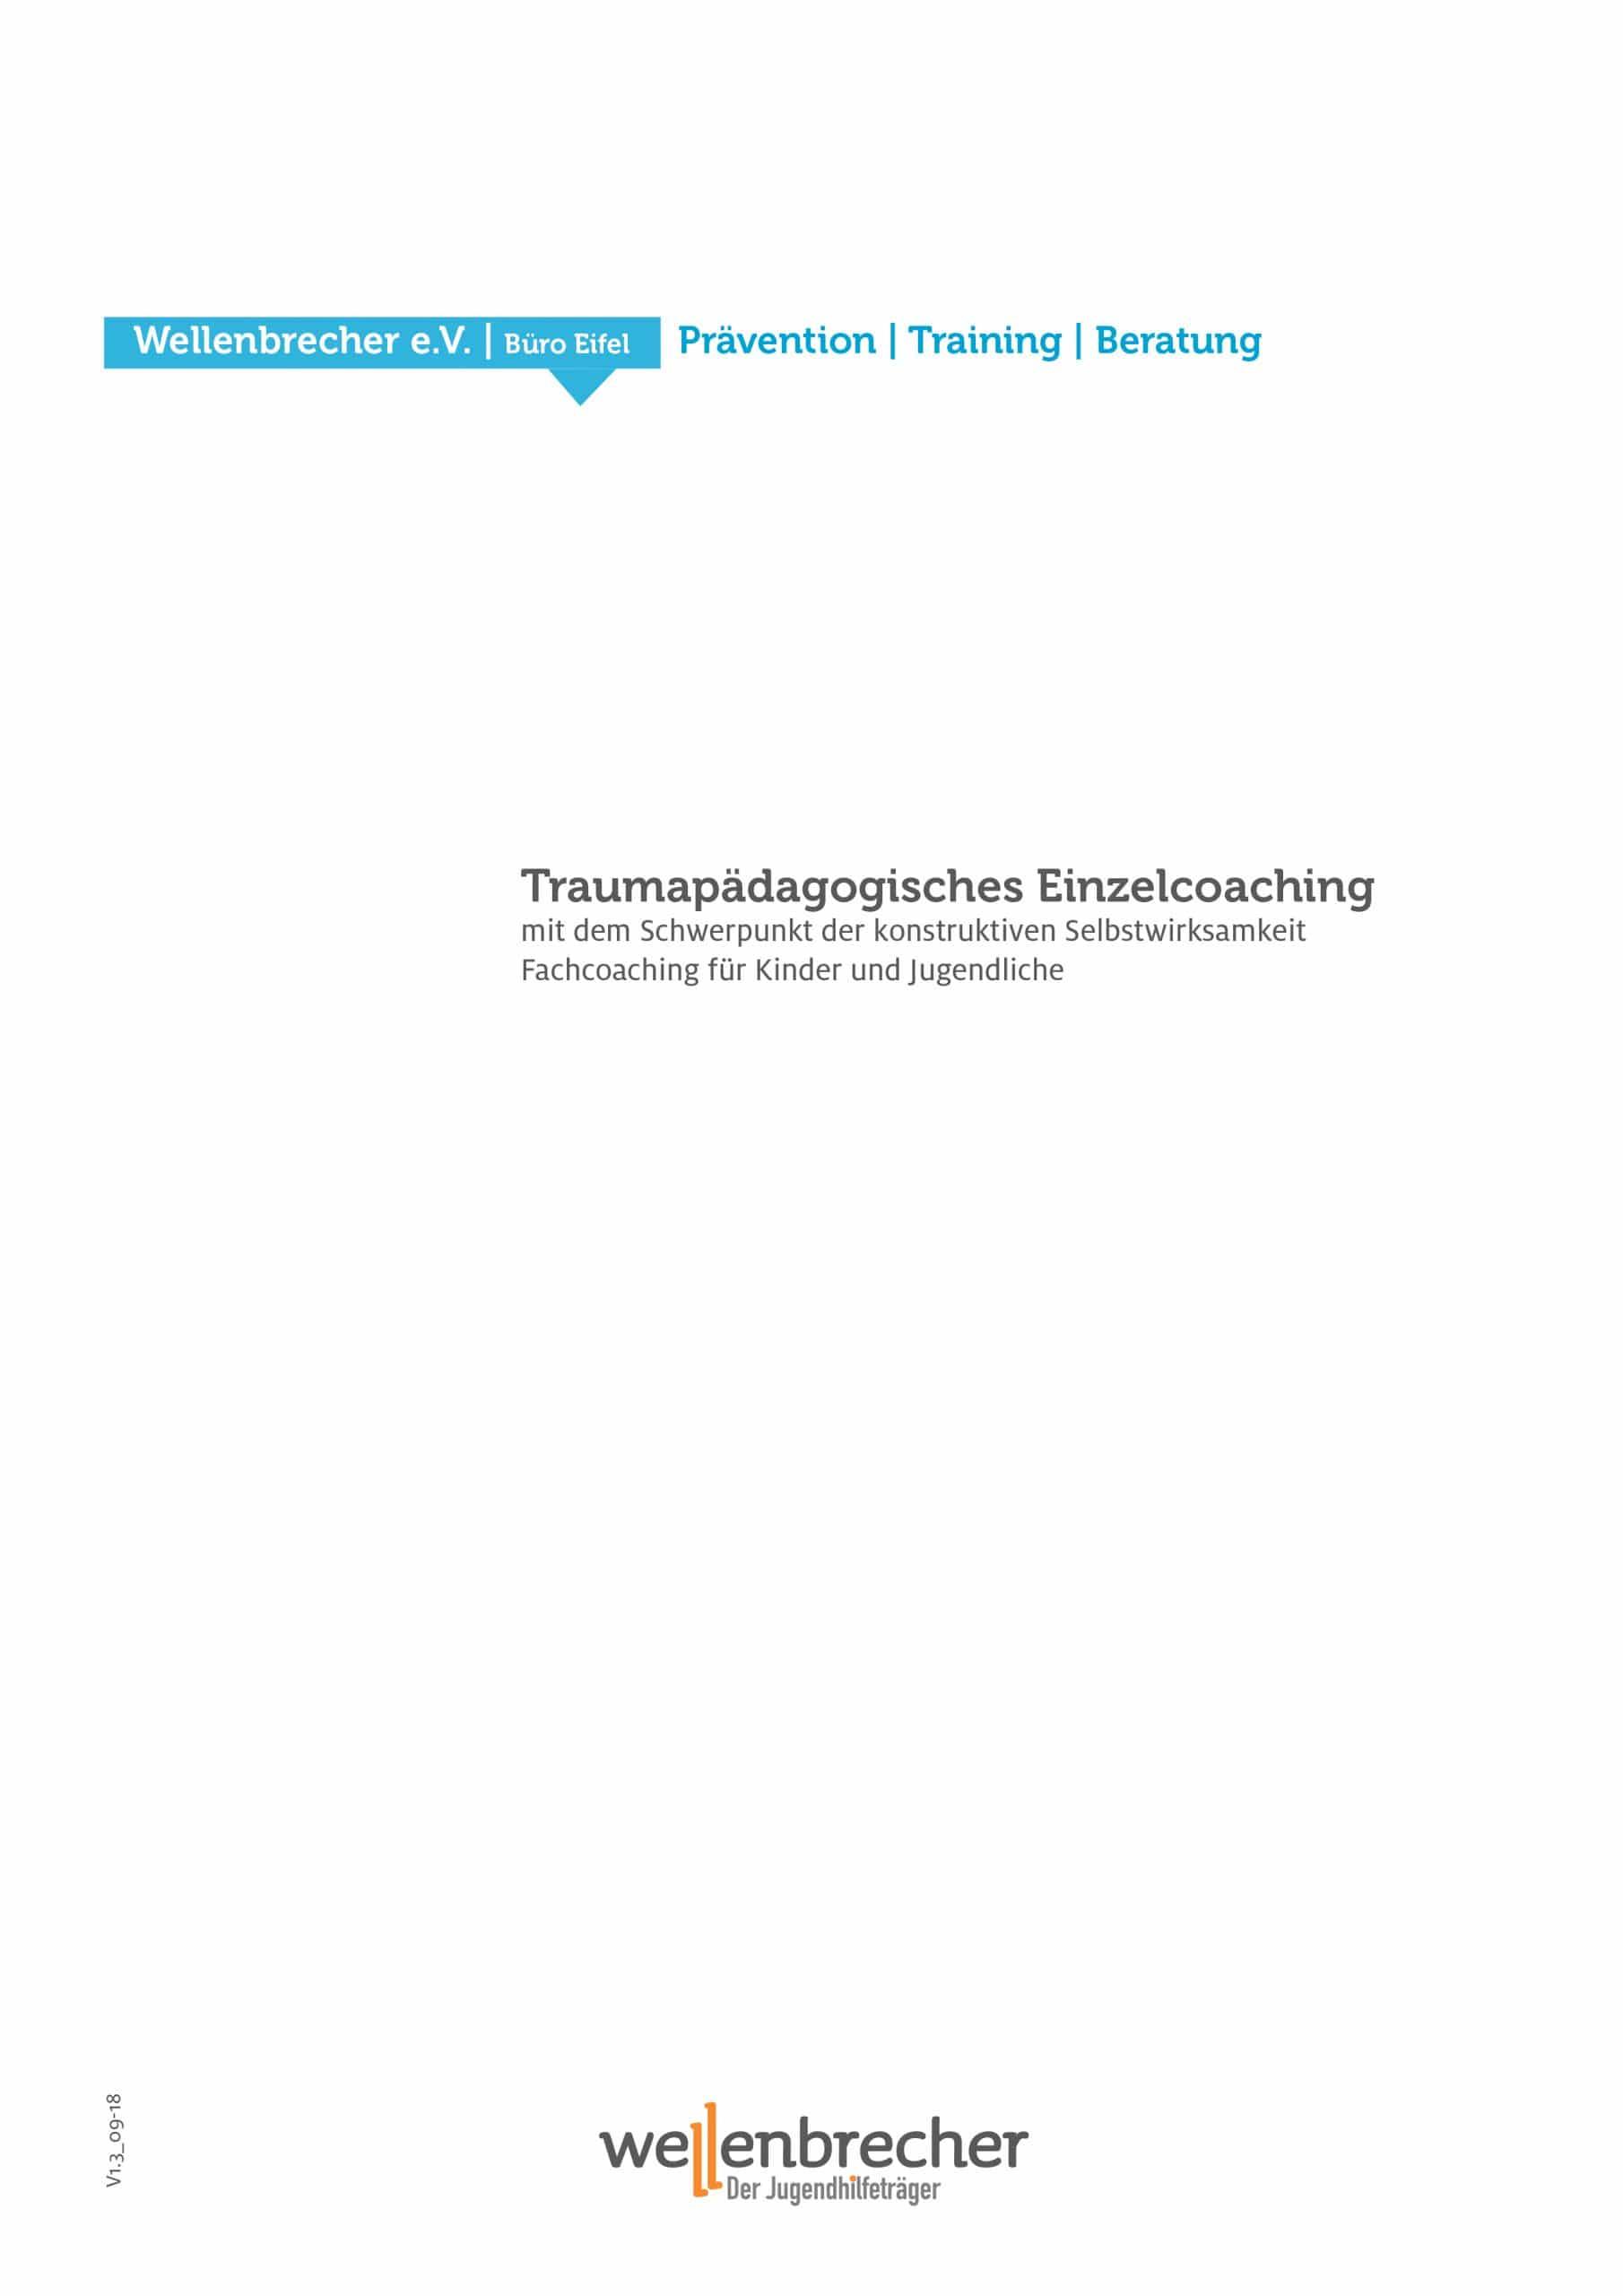 Fortbildung Traumapädagogisches Einzelcoaching